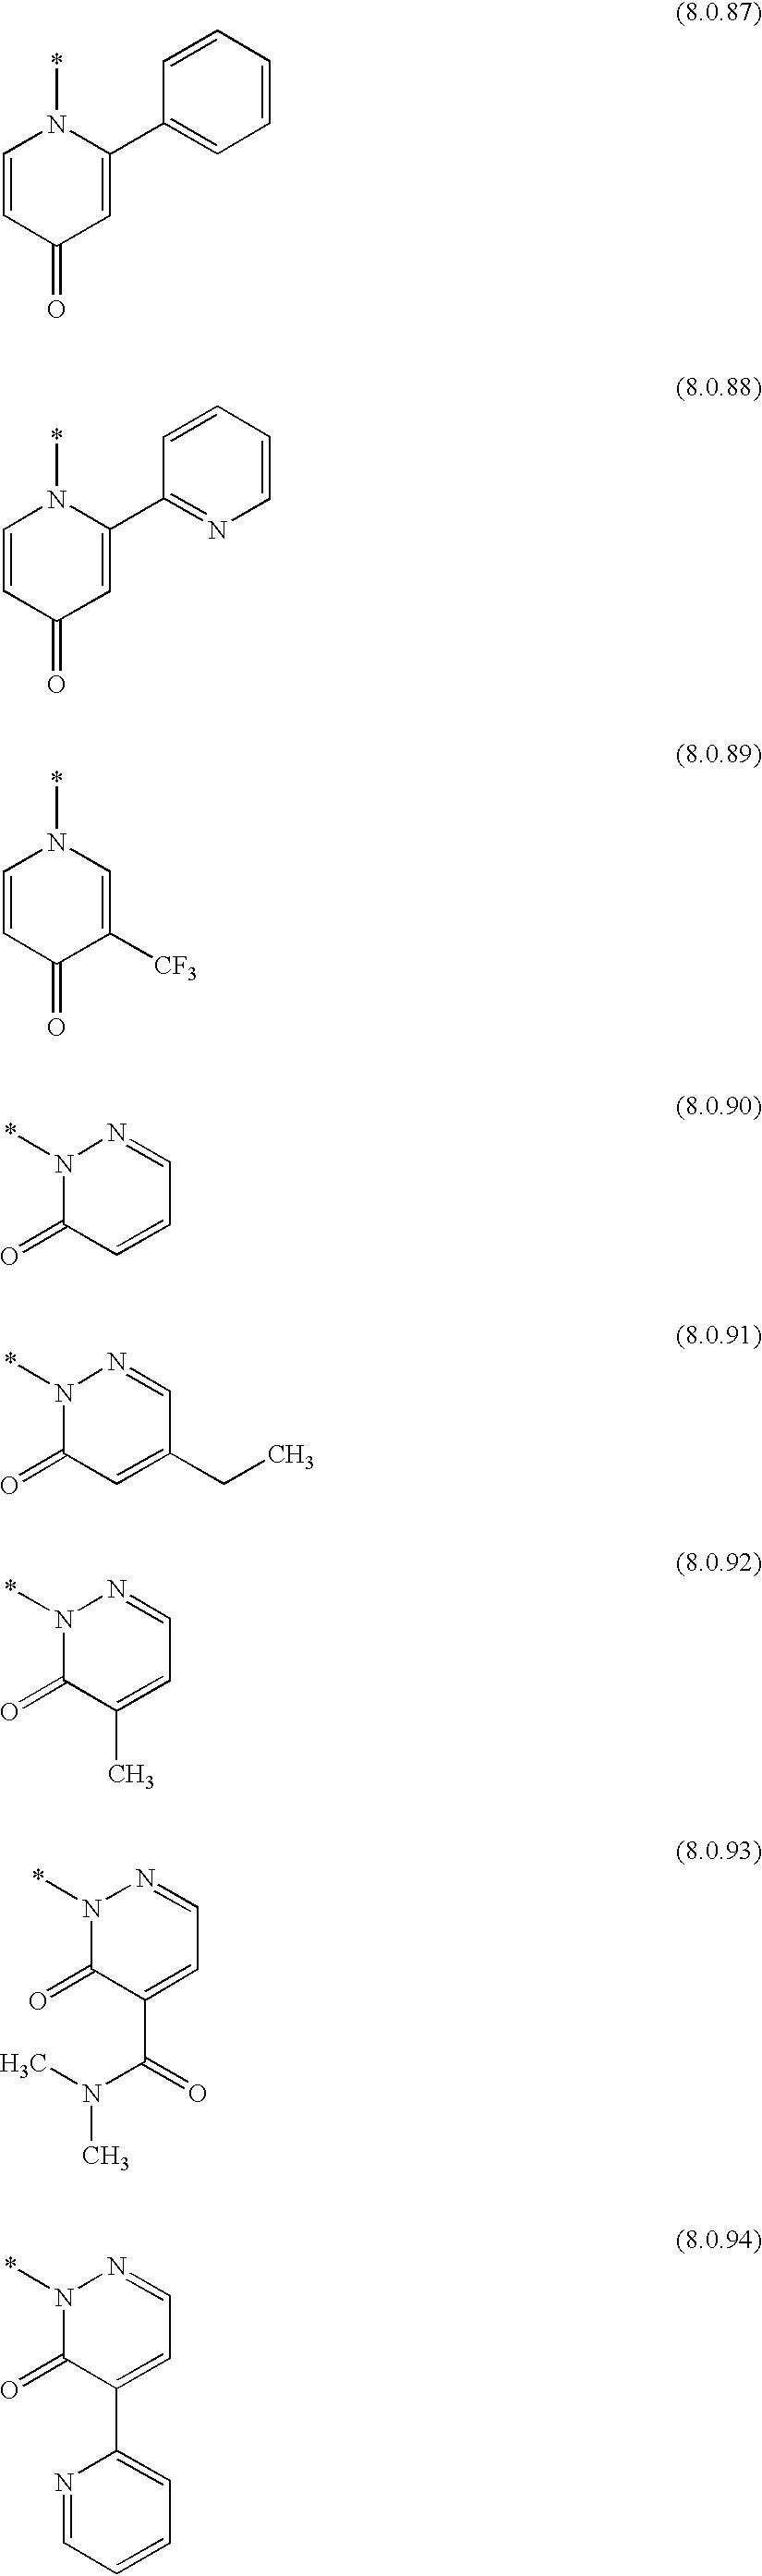 Figure US20030186974A1-20031002-C00214